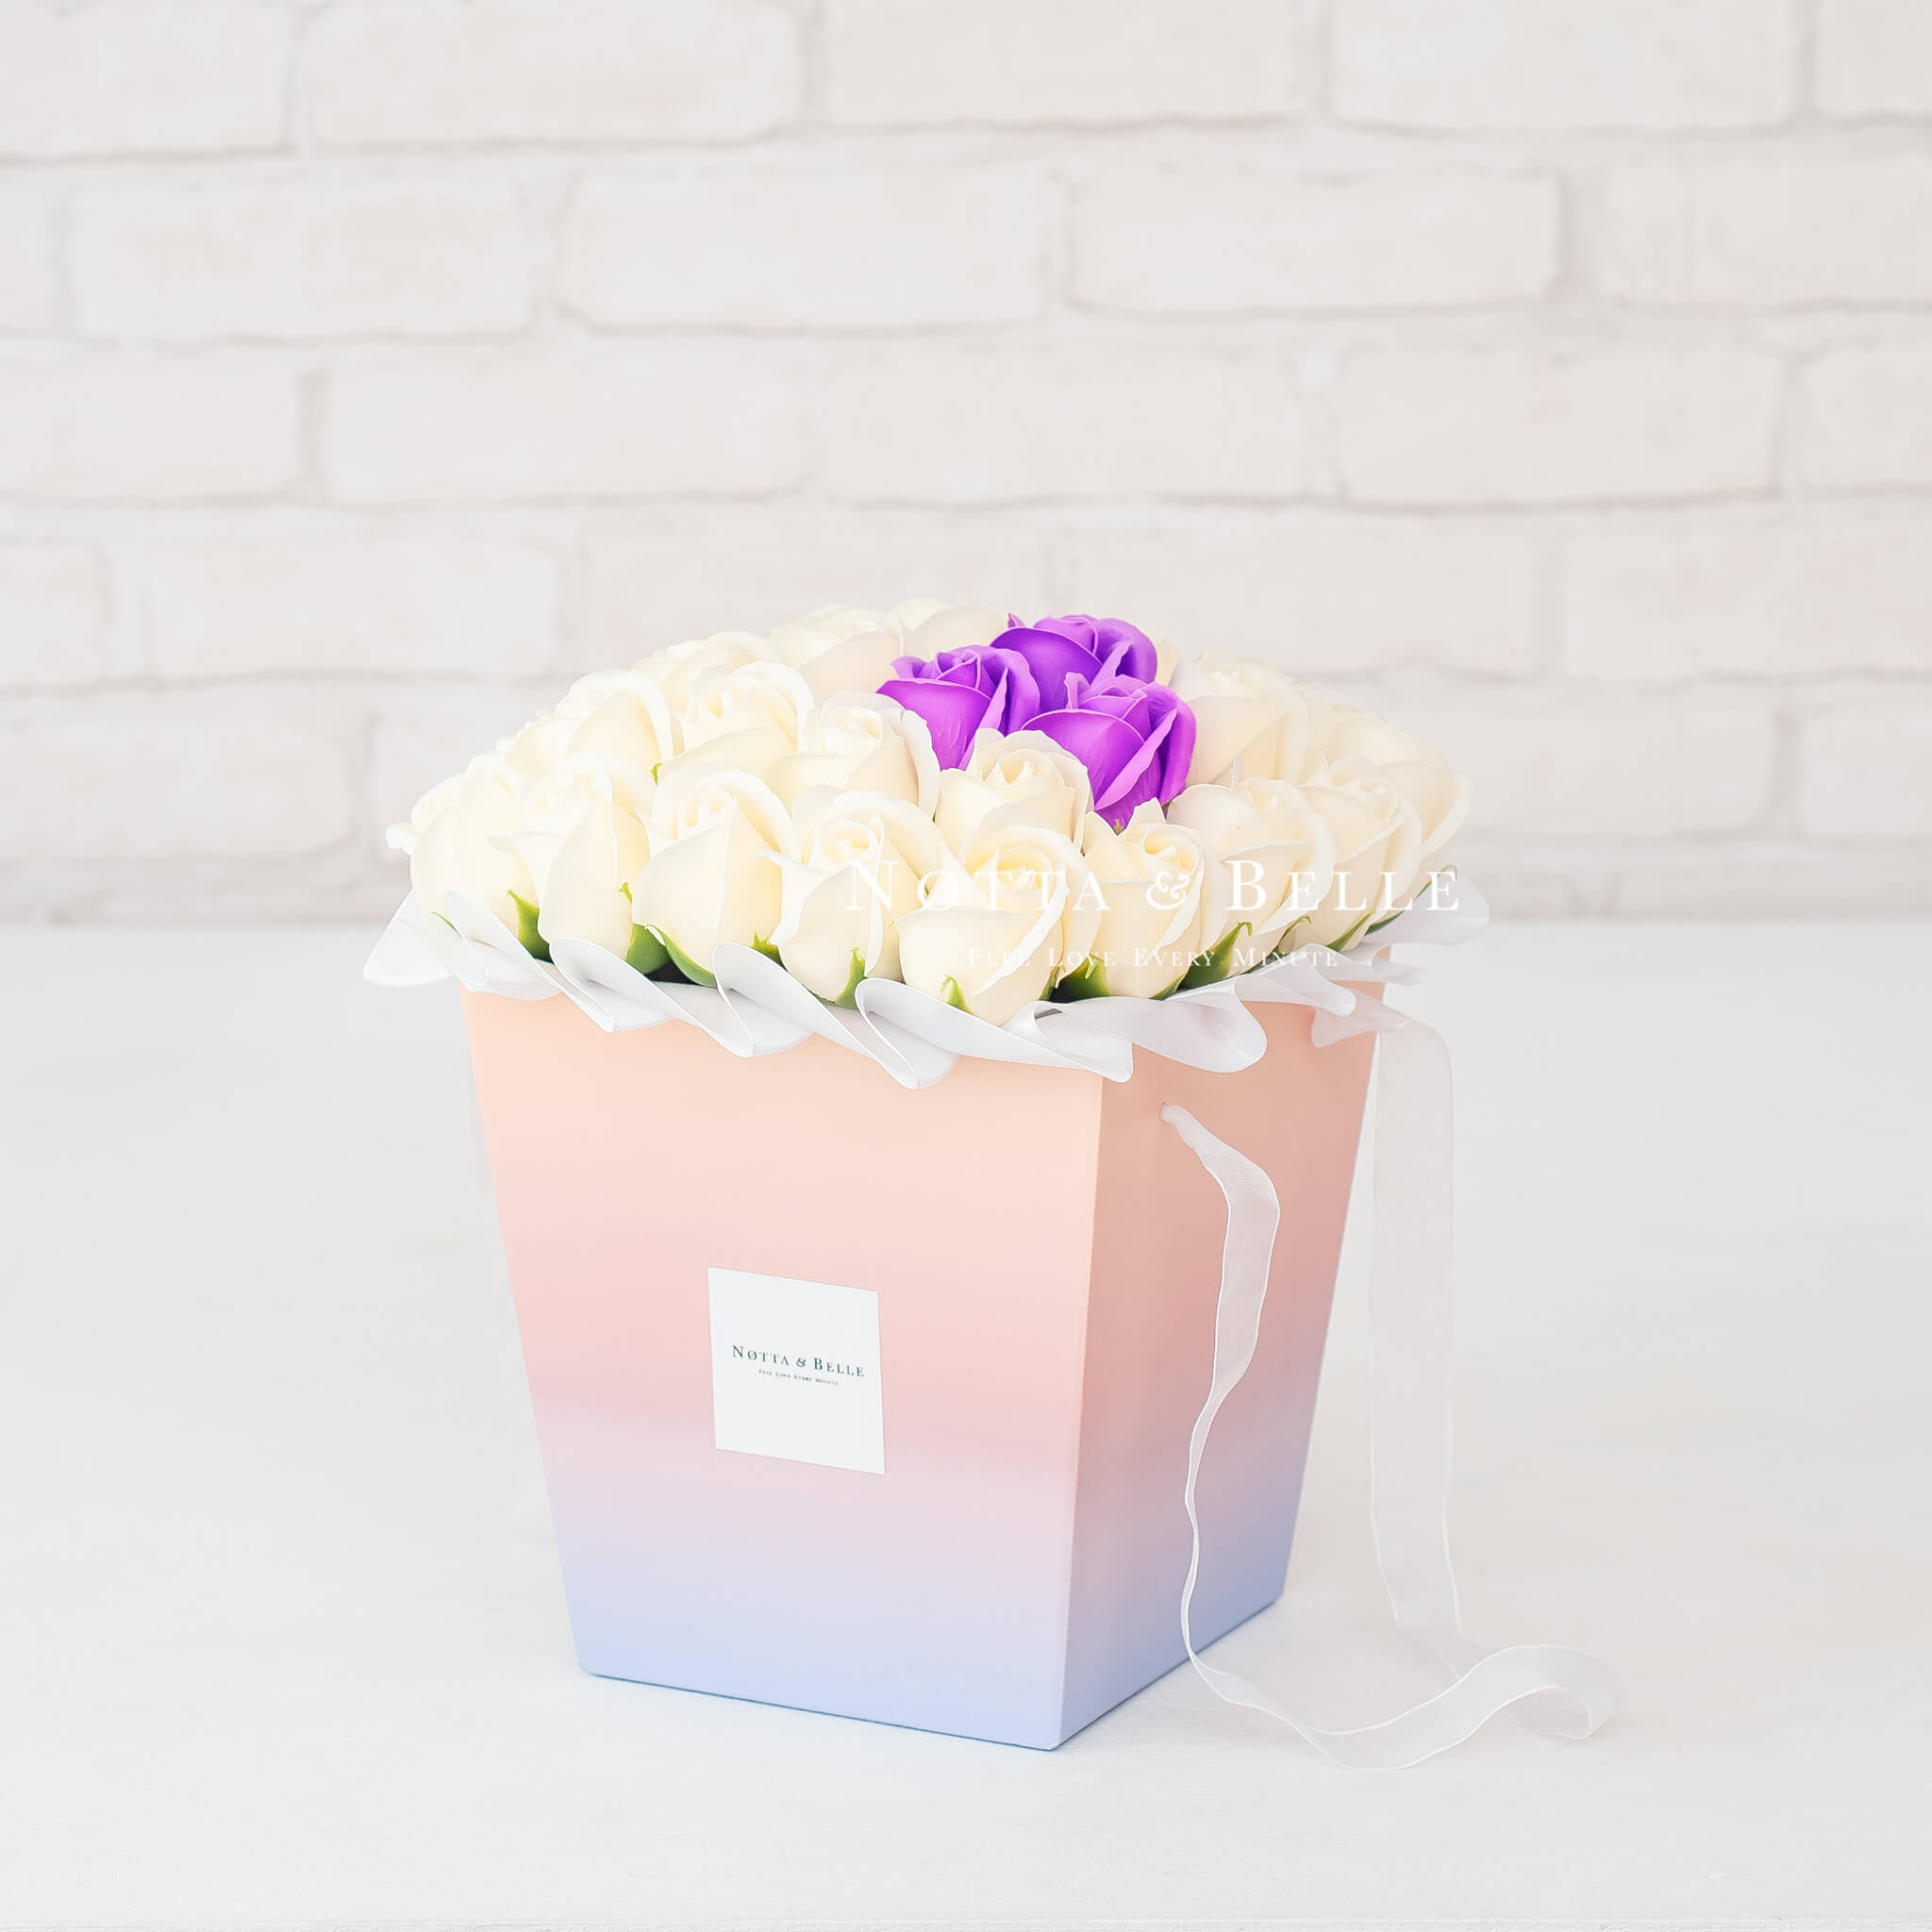 Мыльные розы белого цвета в коробке Ambre